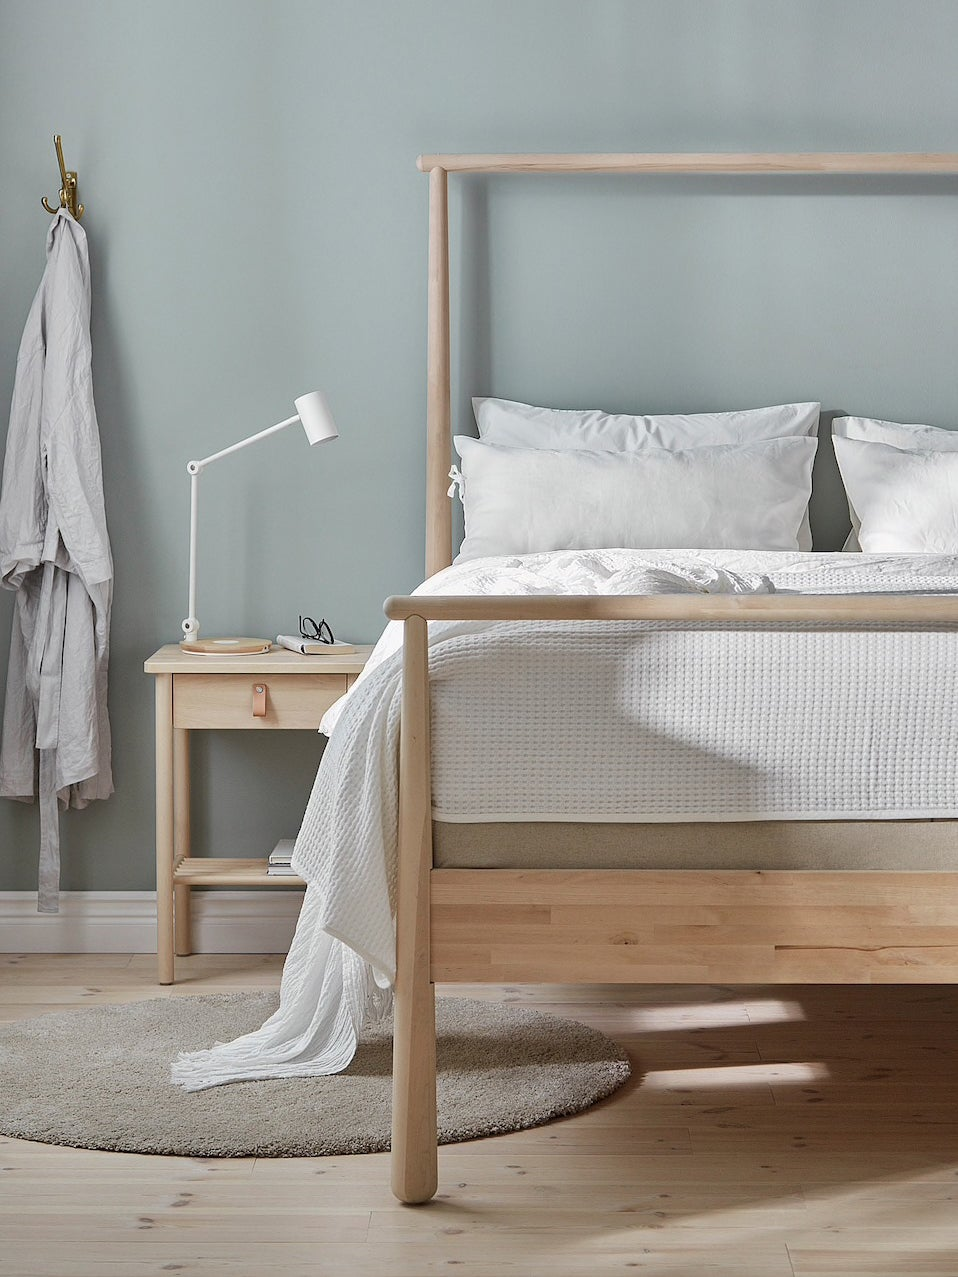 ikea-small-bedroom-furniture-domino-gjora